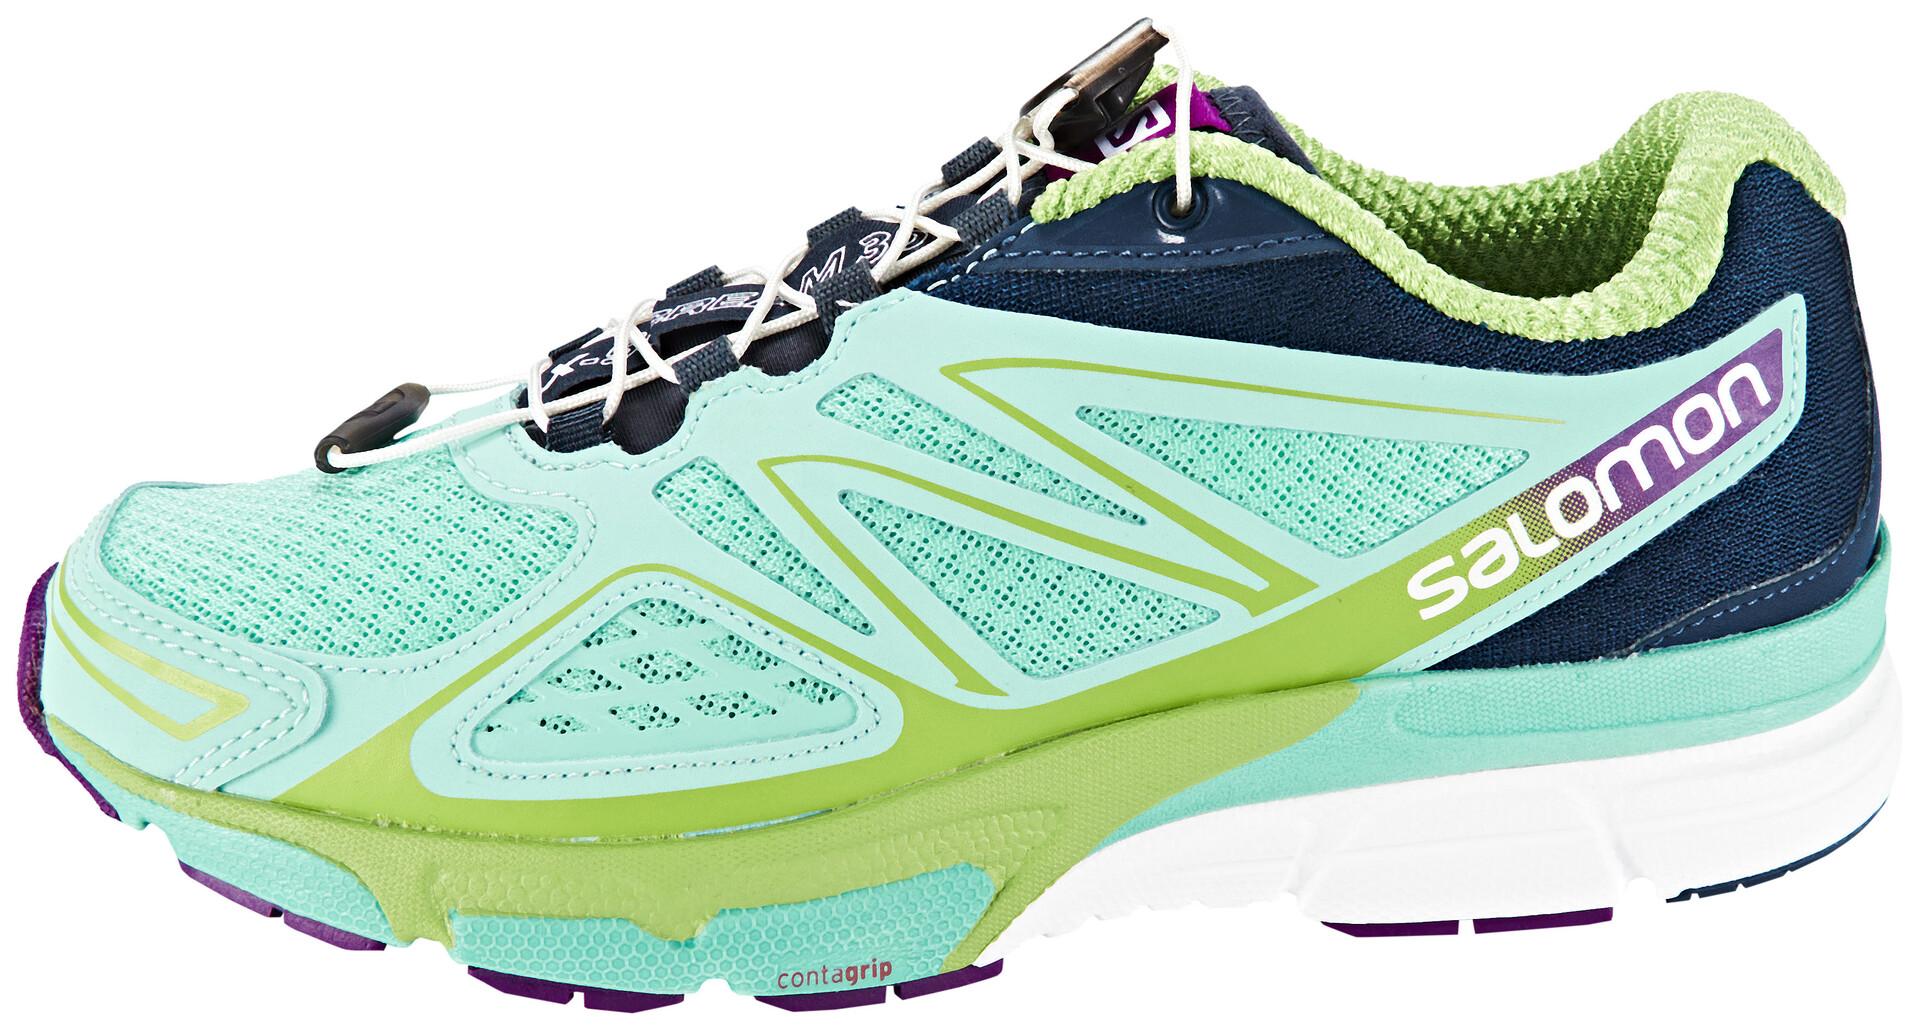 Sur Chaussures Salomon Turquoise Running Scream Femme Campz 3d X qFw0Ut